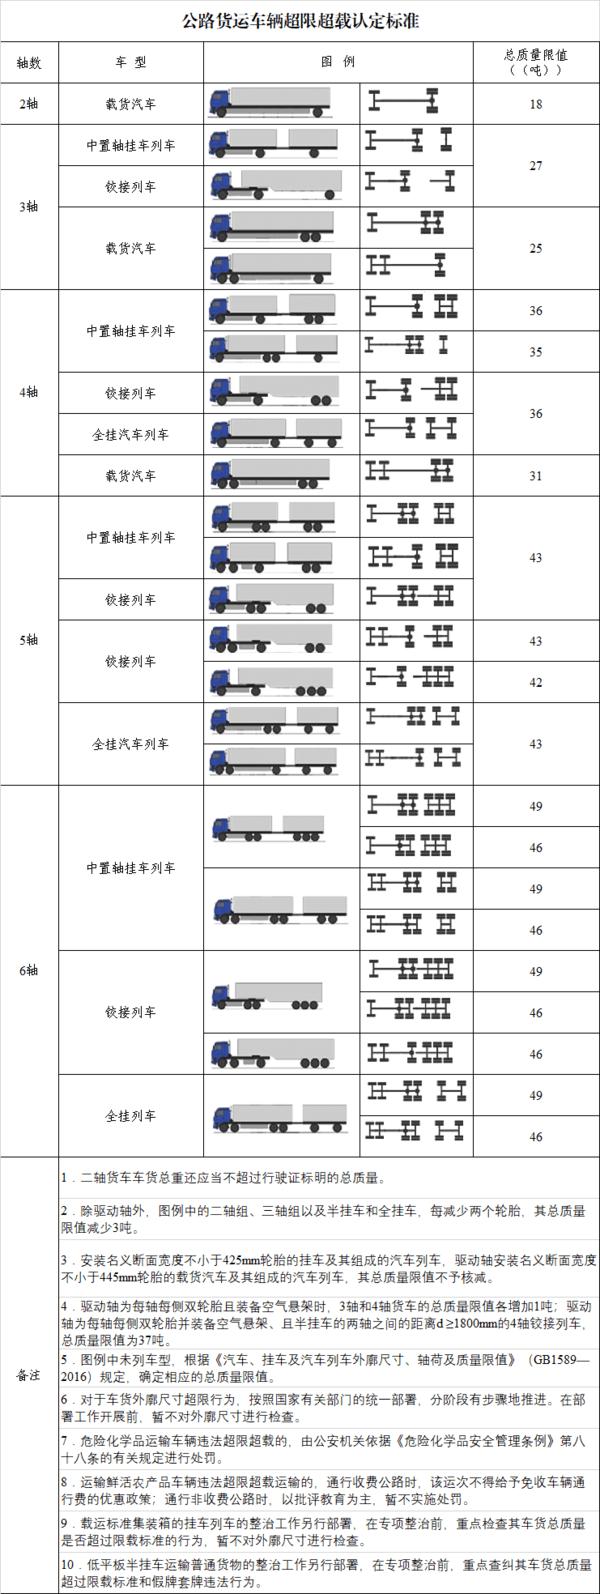 """6X2限重46吨!湖北超限超载""""新标准"""""""